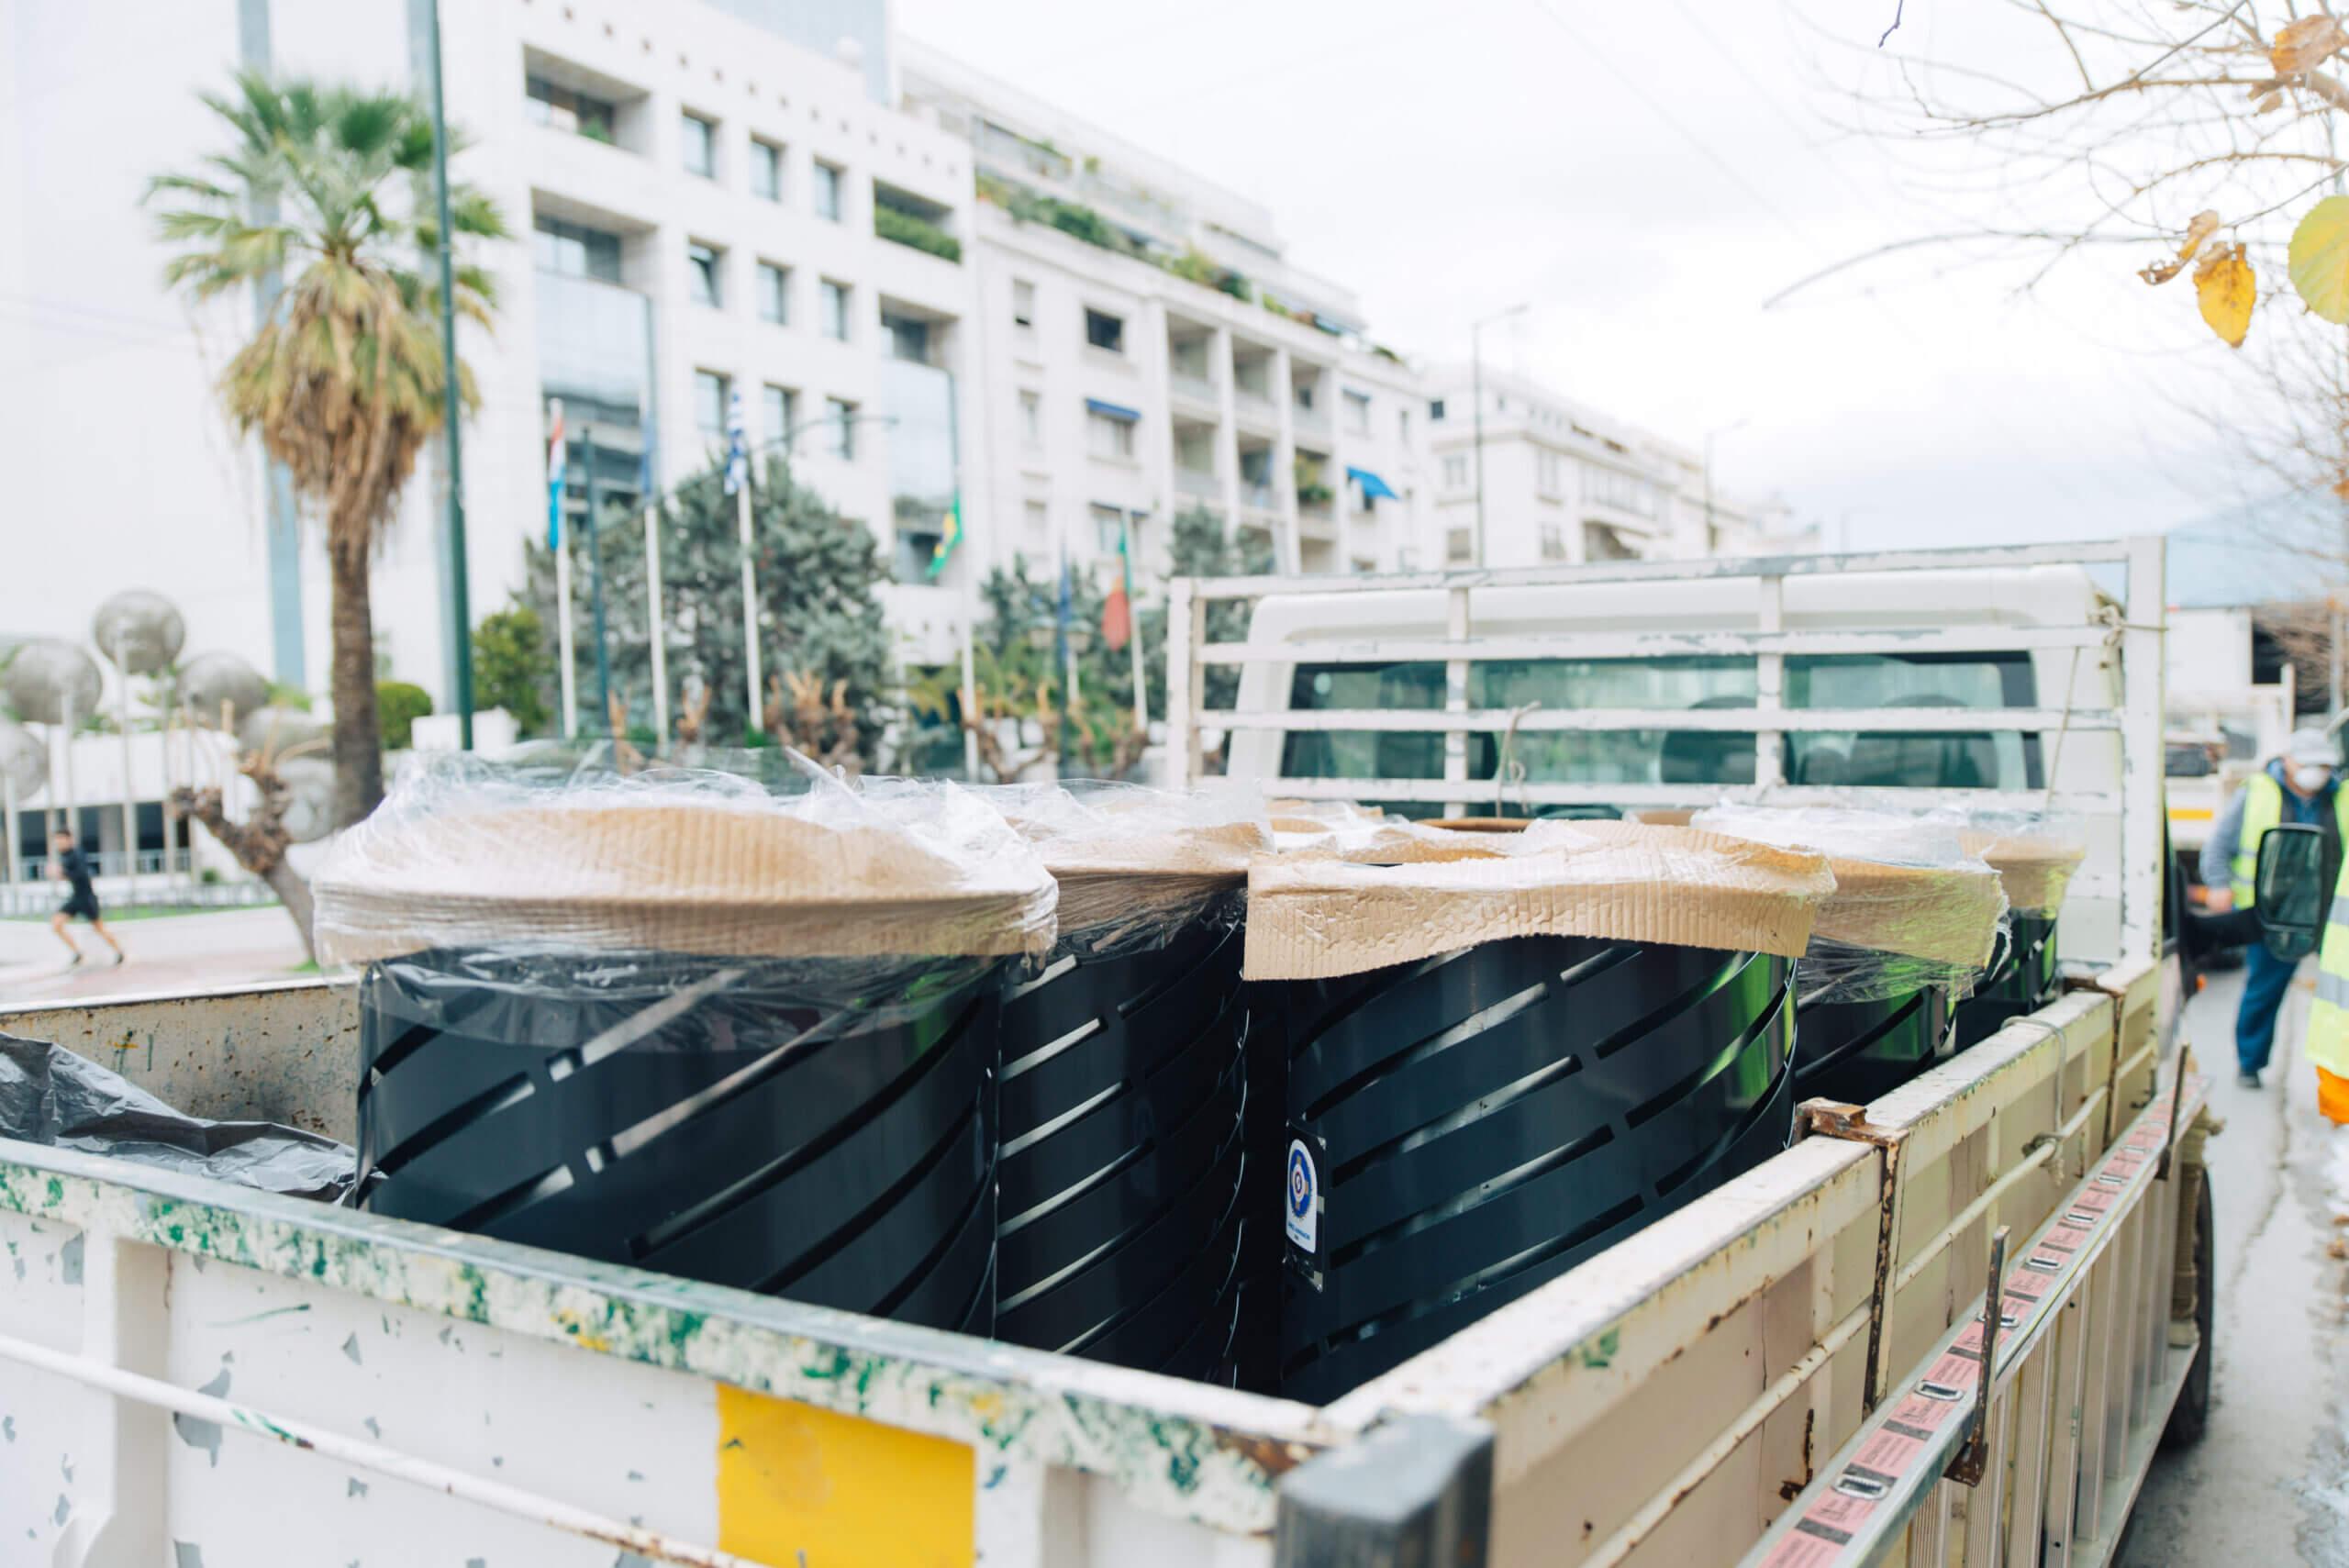 Καινούργια καλάθια απορριμμάτων στους δρόμους της Αθήνας